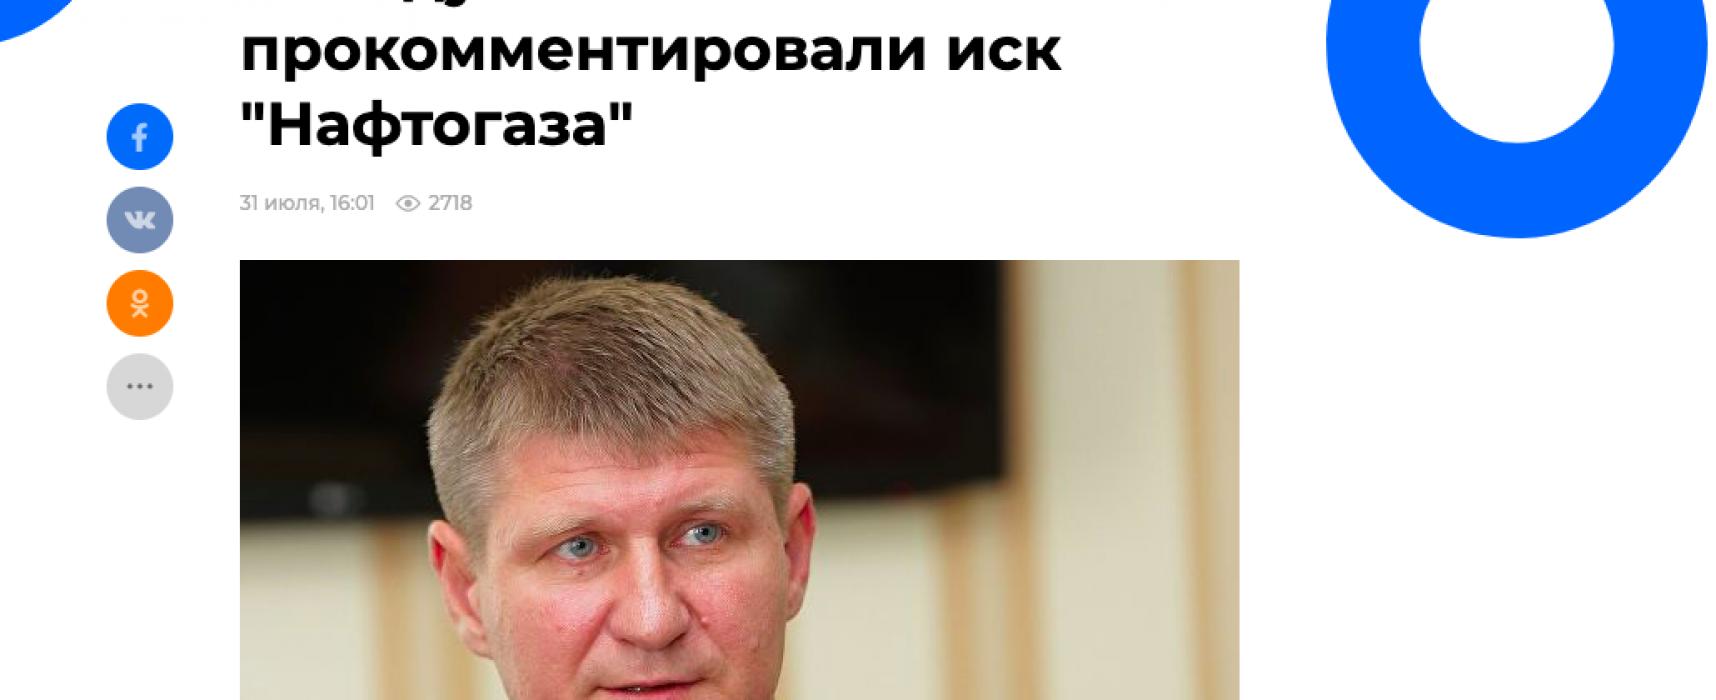 Fake: Ukrainisches Staatsunternehmen Naftogaz erkennt russische Krim-Annexion an